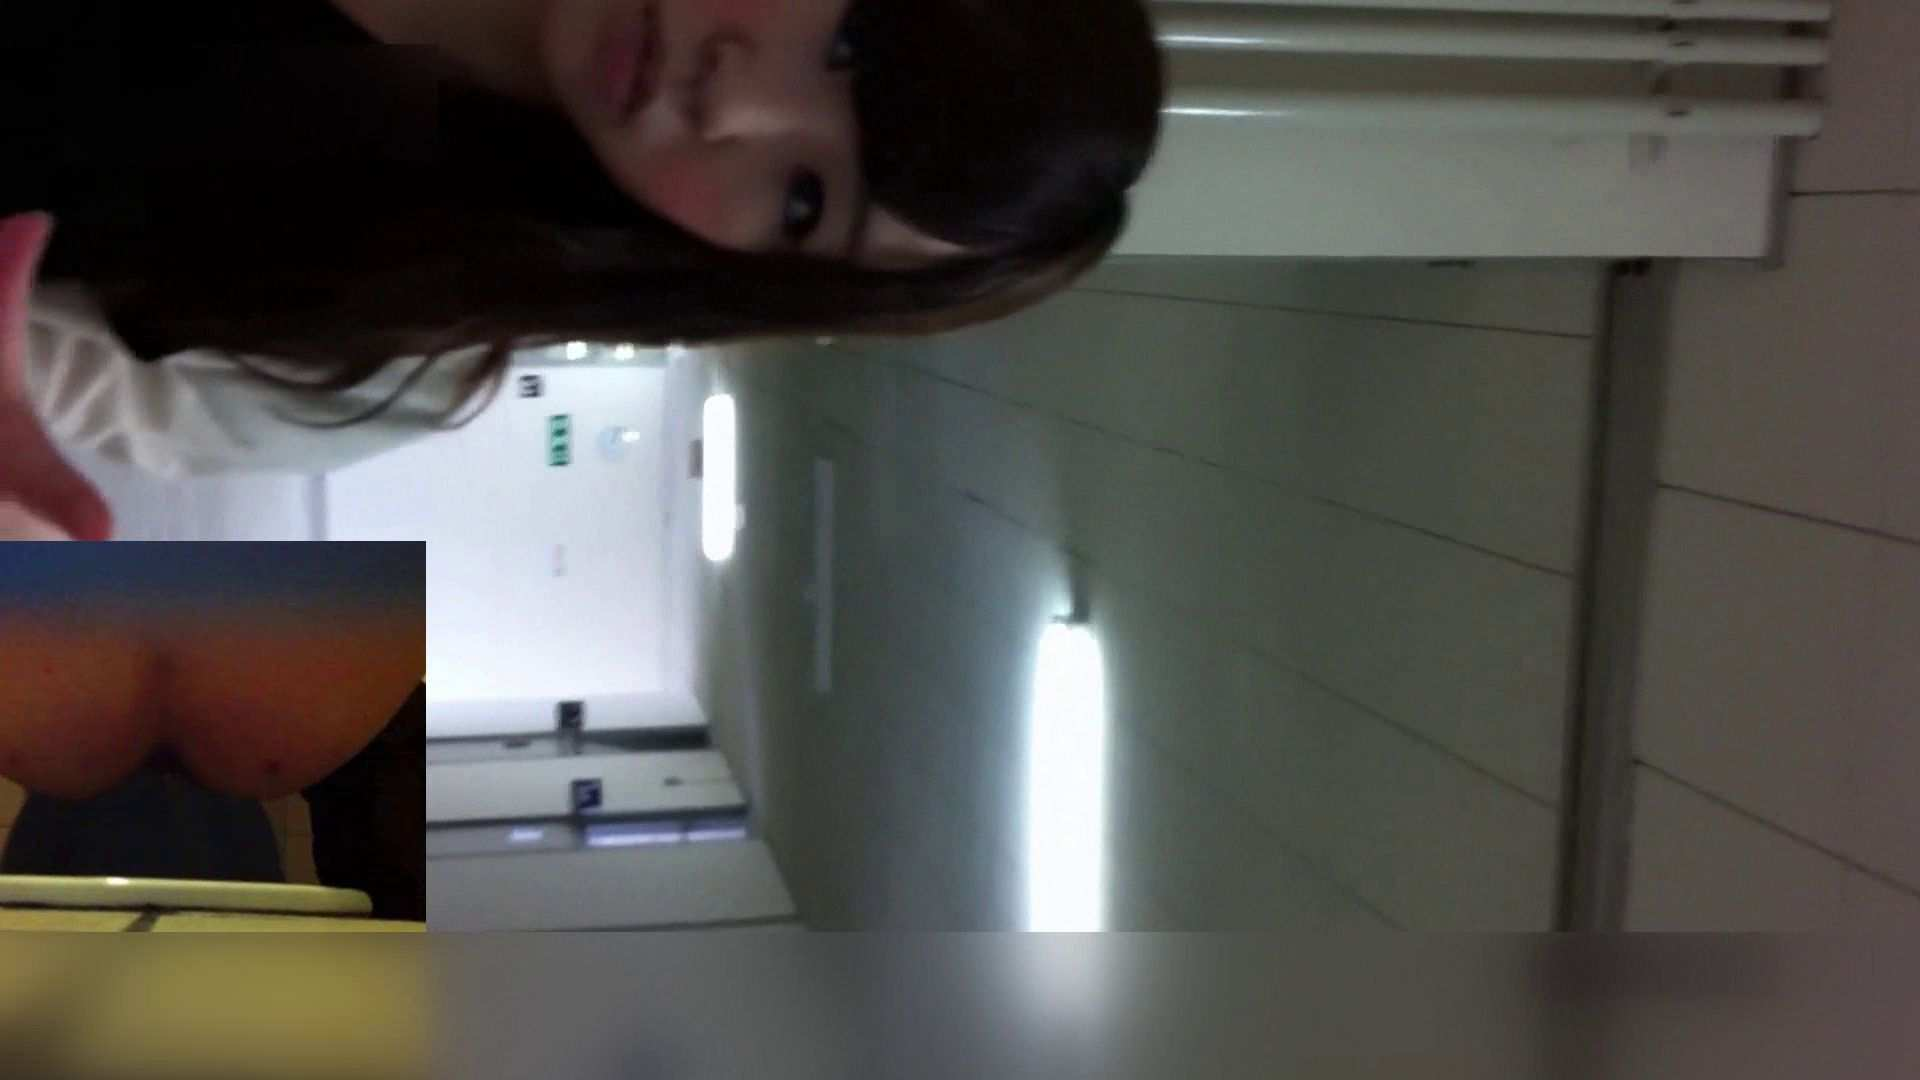 お姉さんの恥便所盗撮! Vol.24 美女エロ画像 オメコ無修正動画無料 97PICs 18